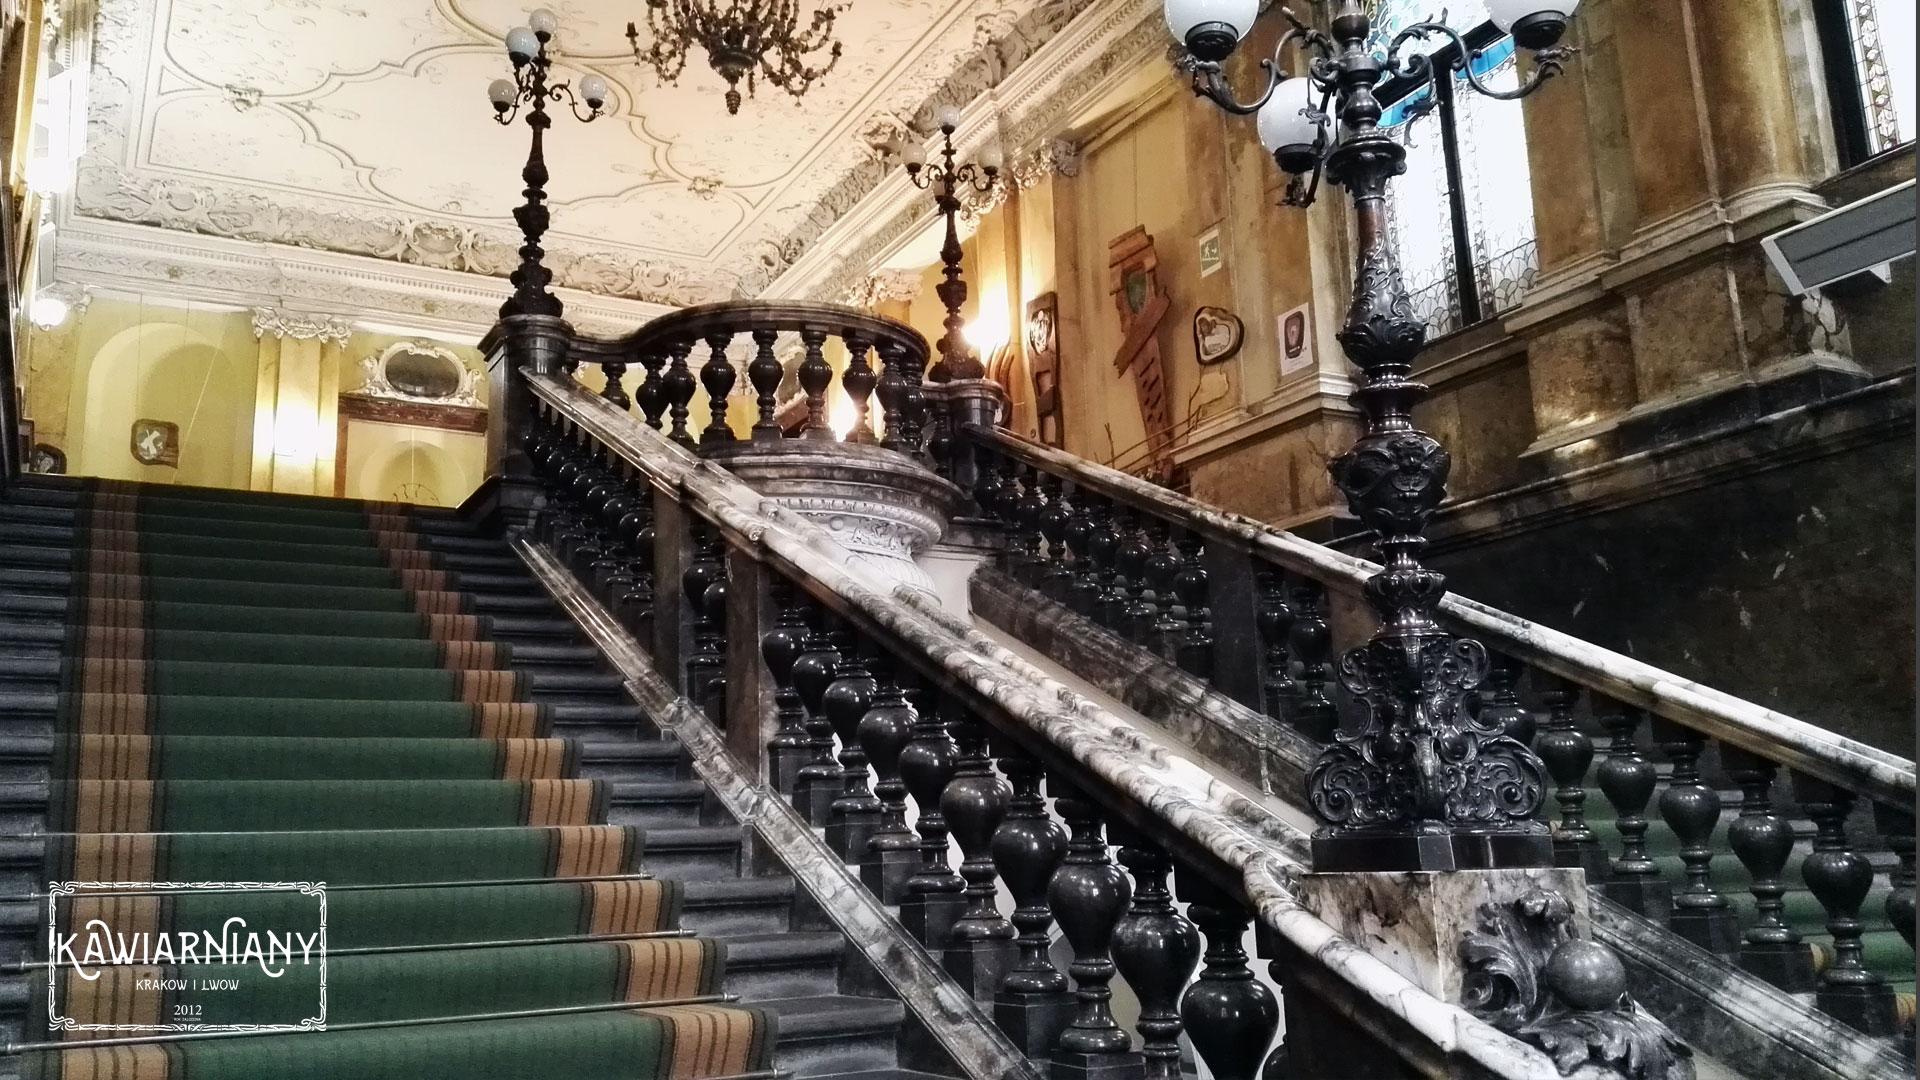 Przewodnik po Lwowie w języku polskim – czy zwiedzanie Lwowa z przewodnikiem się opłaca?